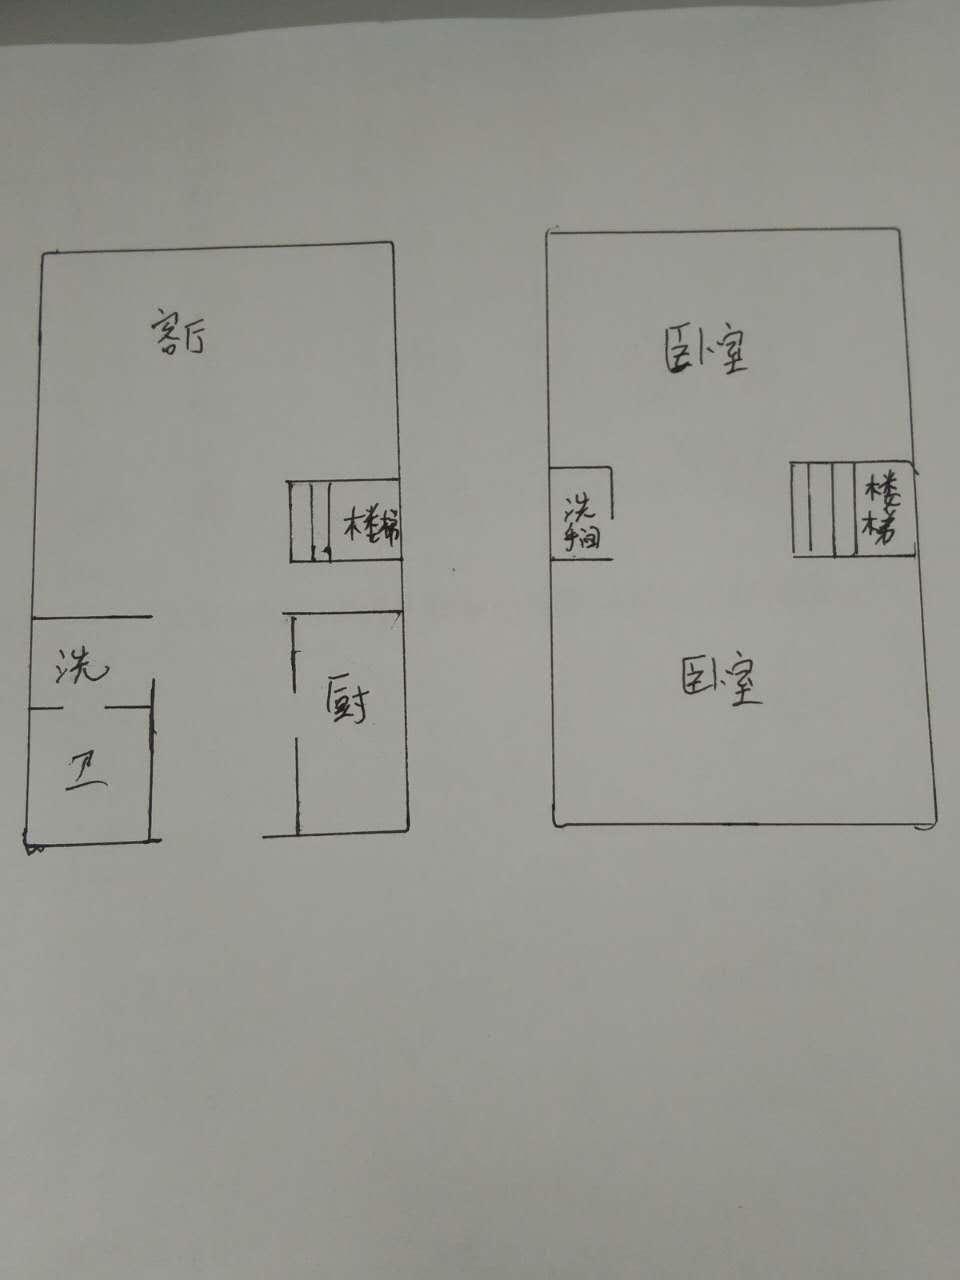 未来城 1室1厅 10楼